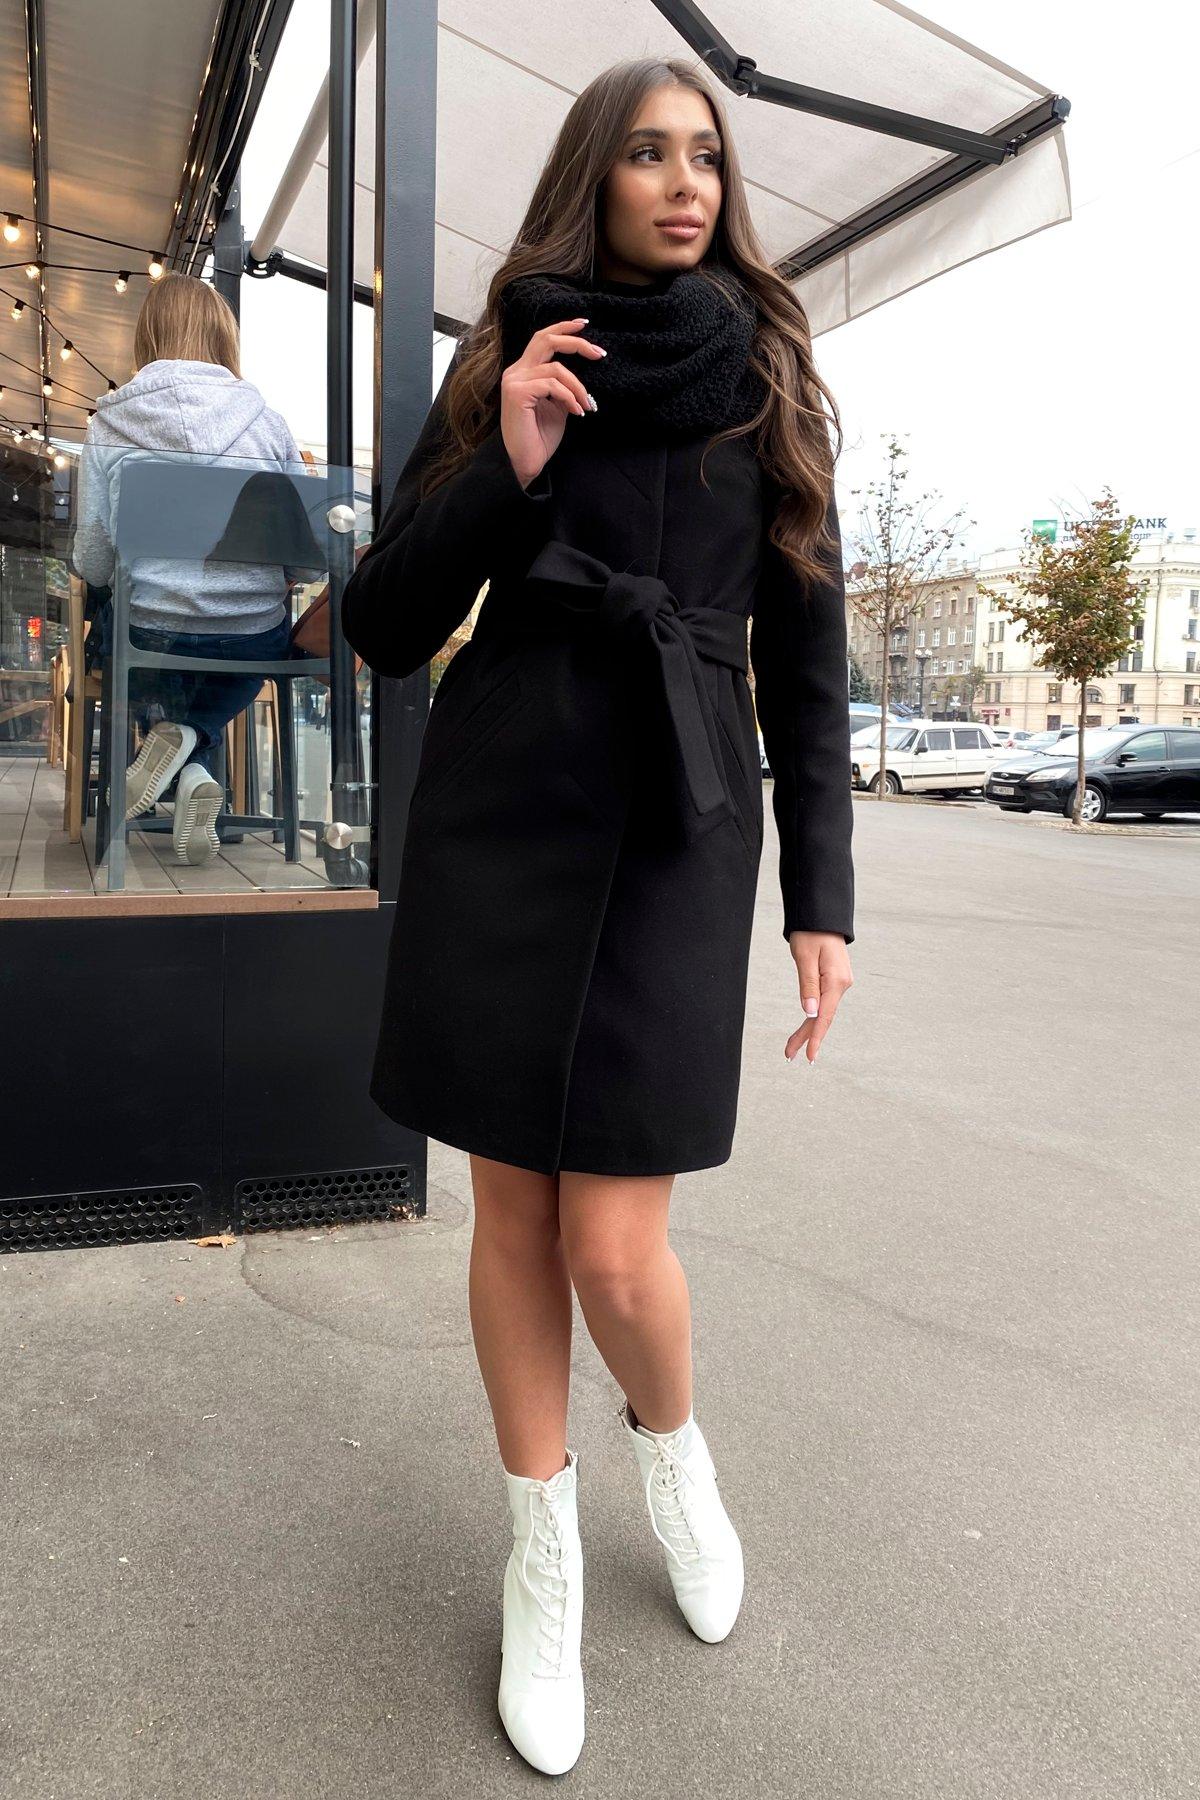 Пальто зима с хомутом Люцея 8211 АРТ. 44225 Цвет: Черный Н-1 - фото 8, интернет магазин tm-modus.ru